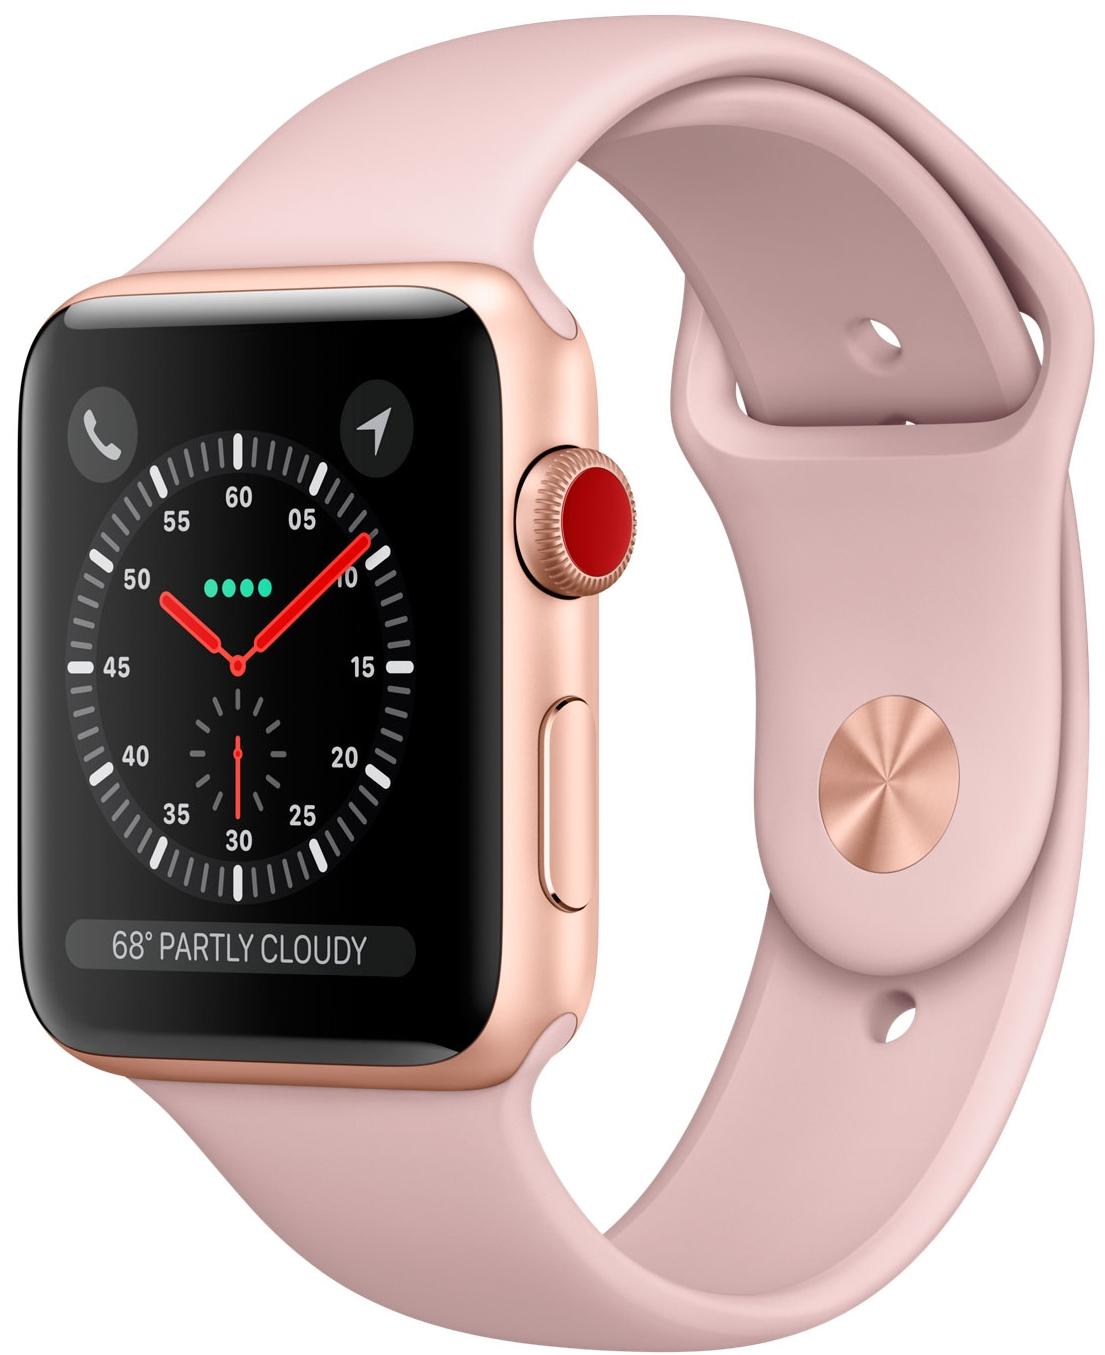 Apple Watch Series 3 Cellular 42мм, корпус из золотистого алюминия, спортивный ремешок цвета «розовый песок» (MQK32)